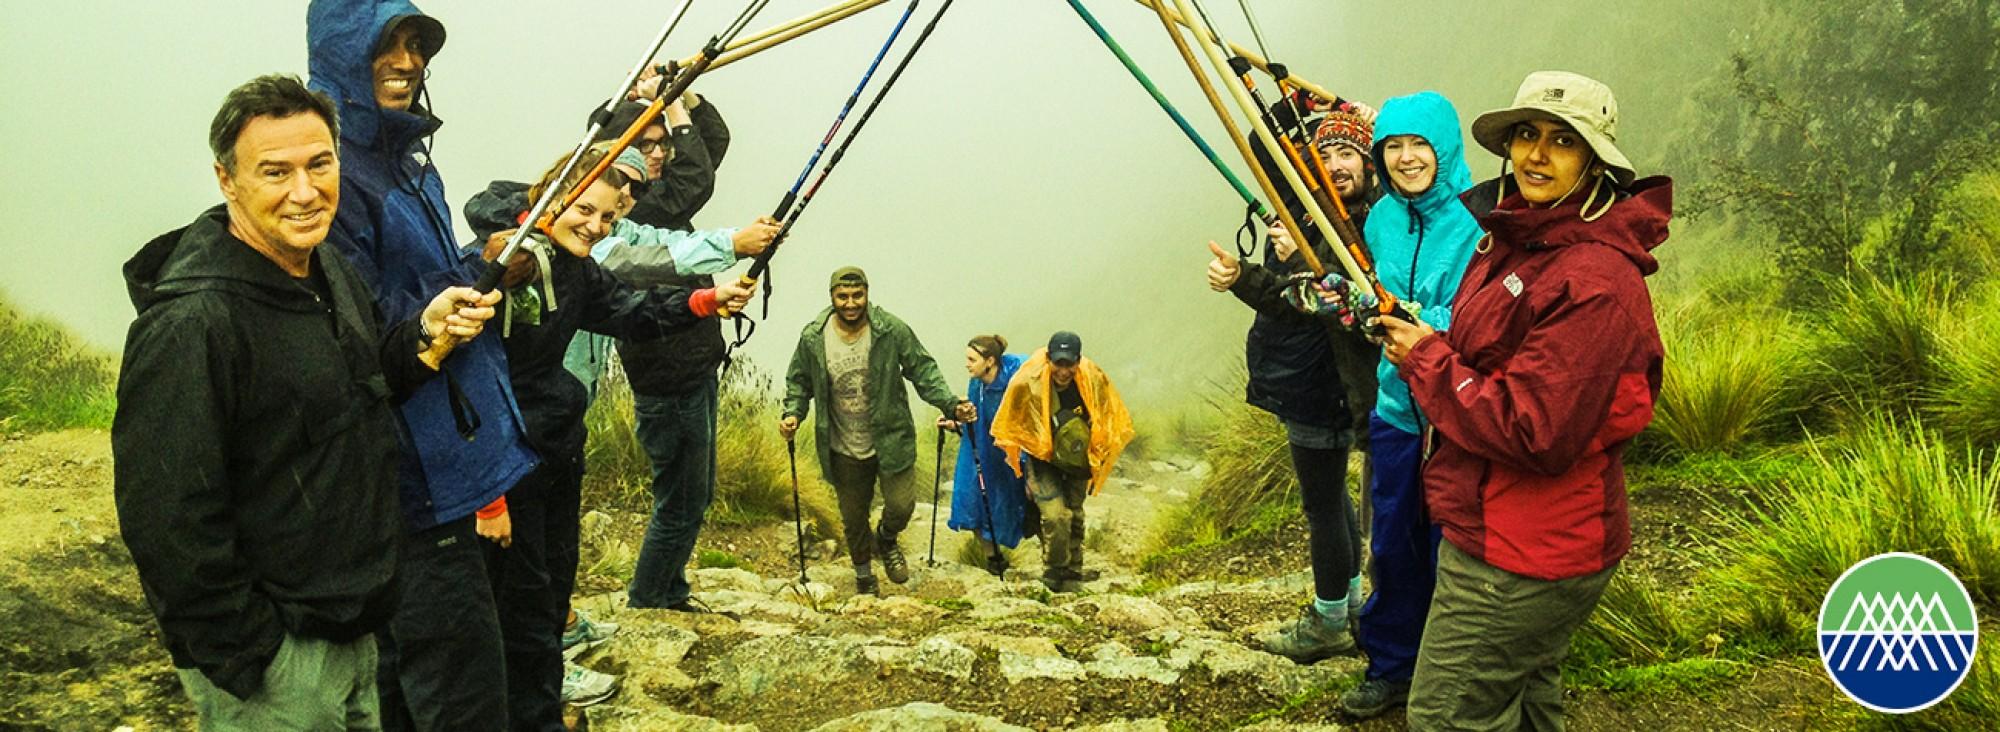 Inca Trail Tours Machu Picchu